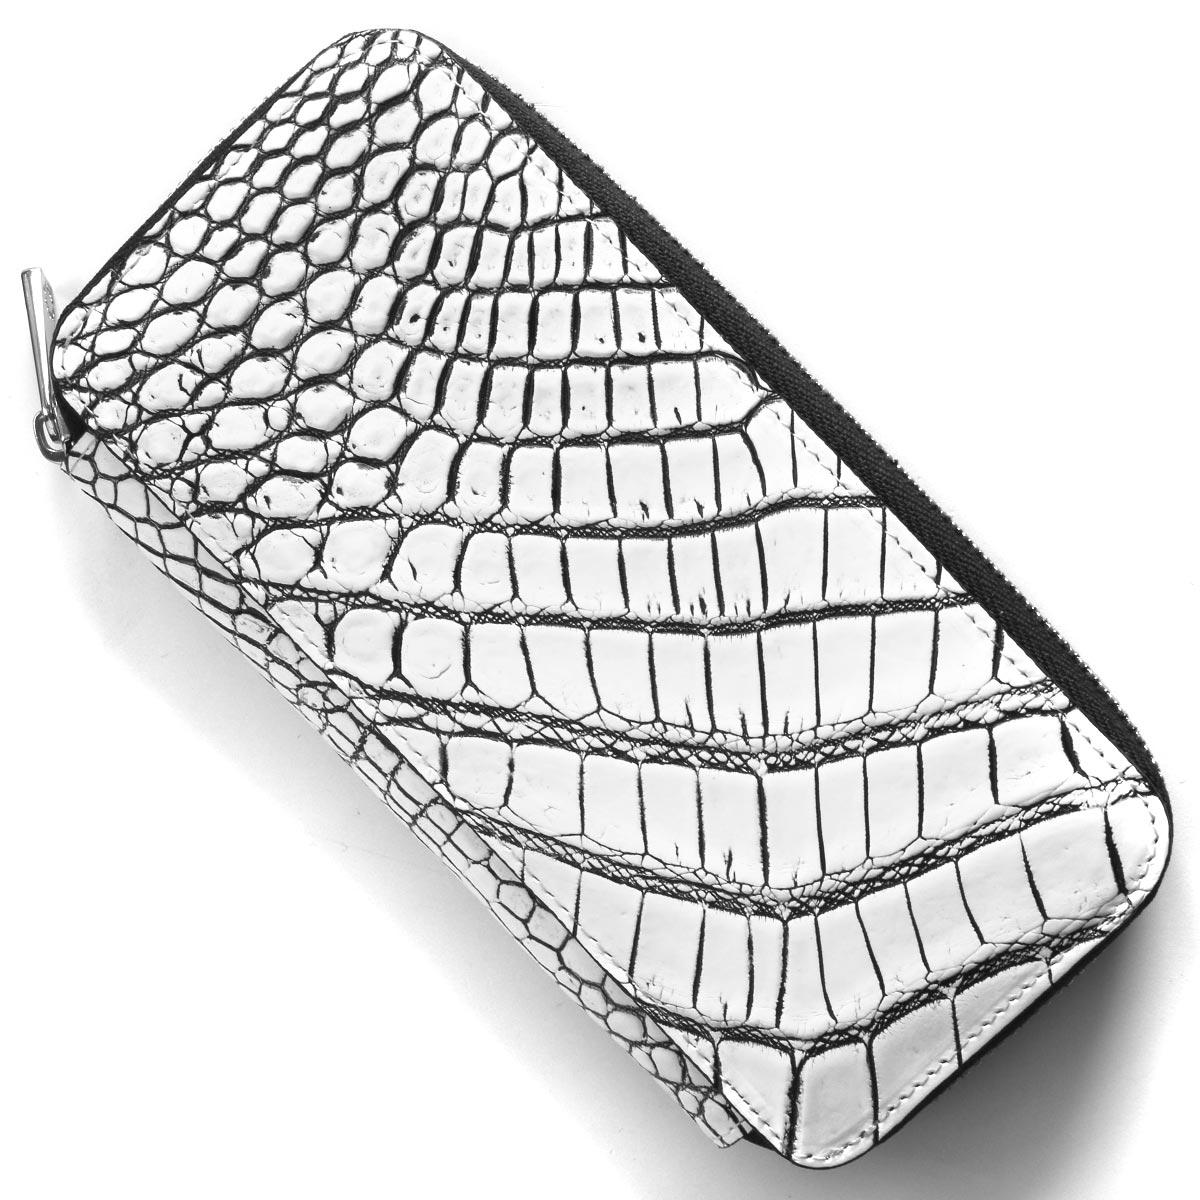 【1/1~1/2限定!1,000円OFFクーポン対象】本革 長財布 財布 メンズ レディース クロコ ホワイト&ブラック DRS163 WHBK Leather